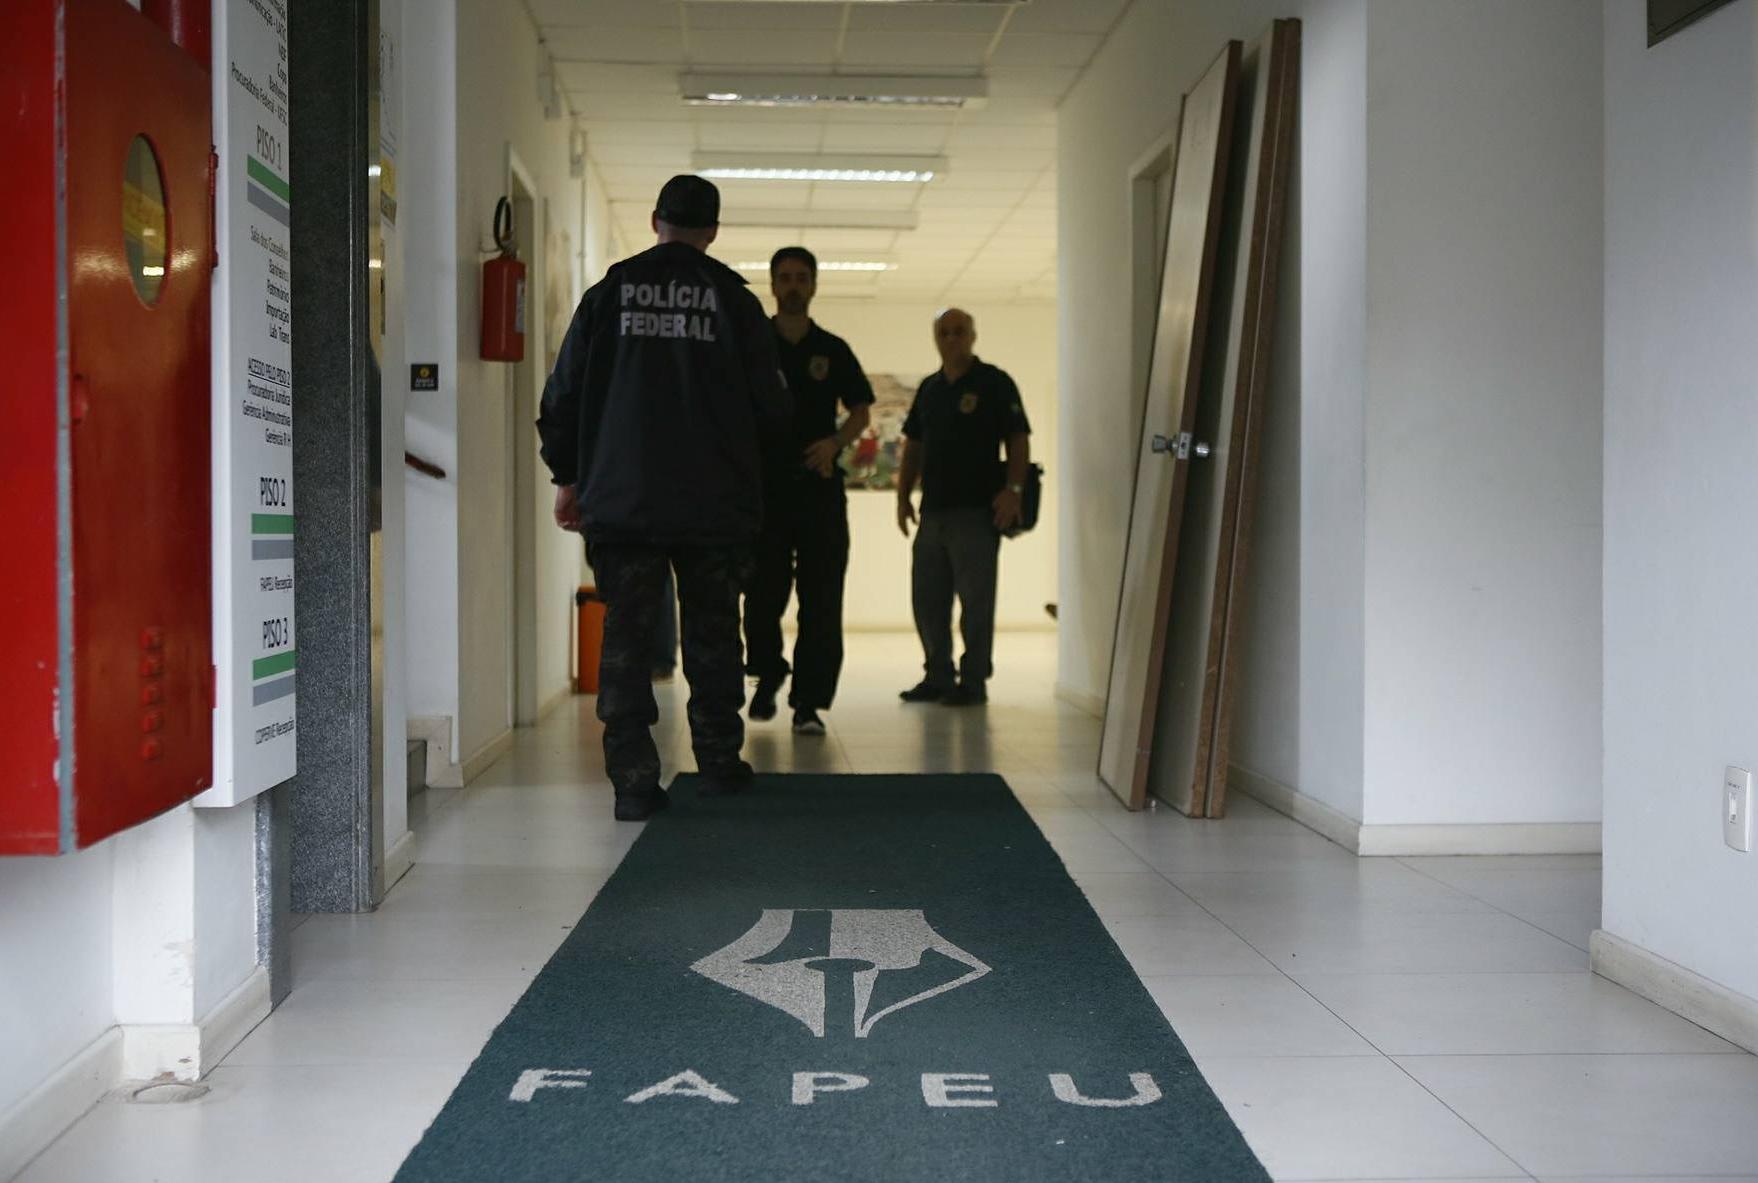 O prédio da Fapeu é um dos locais onde a PF faz buscas e apreensão - Daniel Queiroz/ND